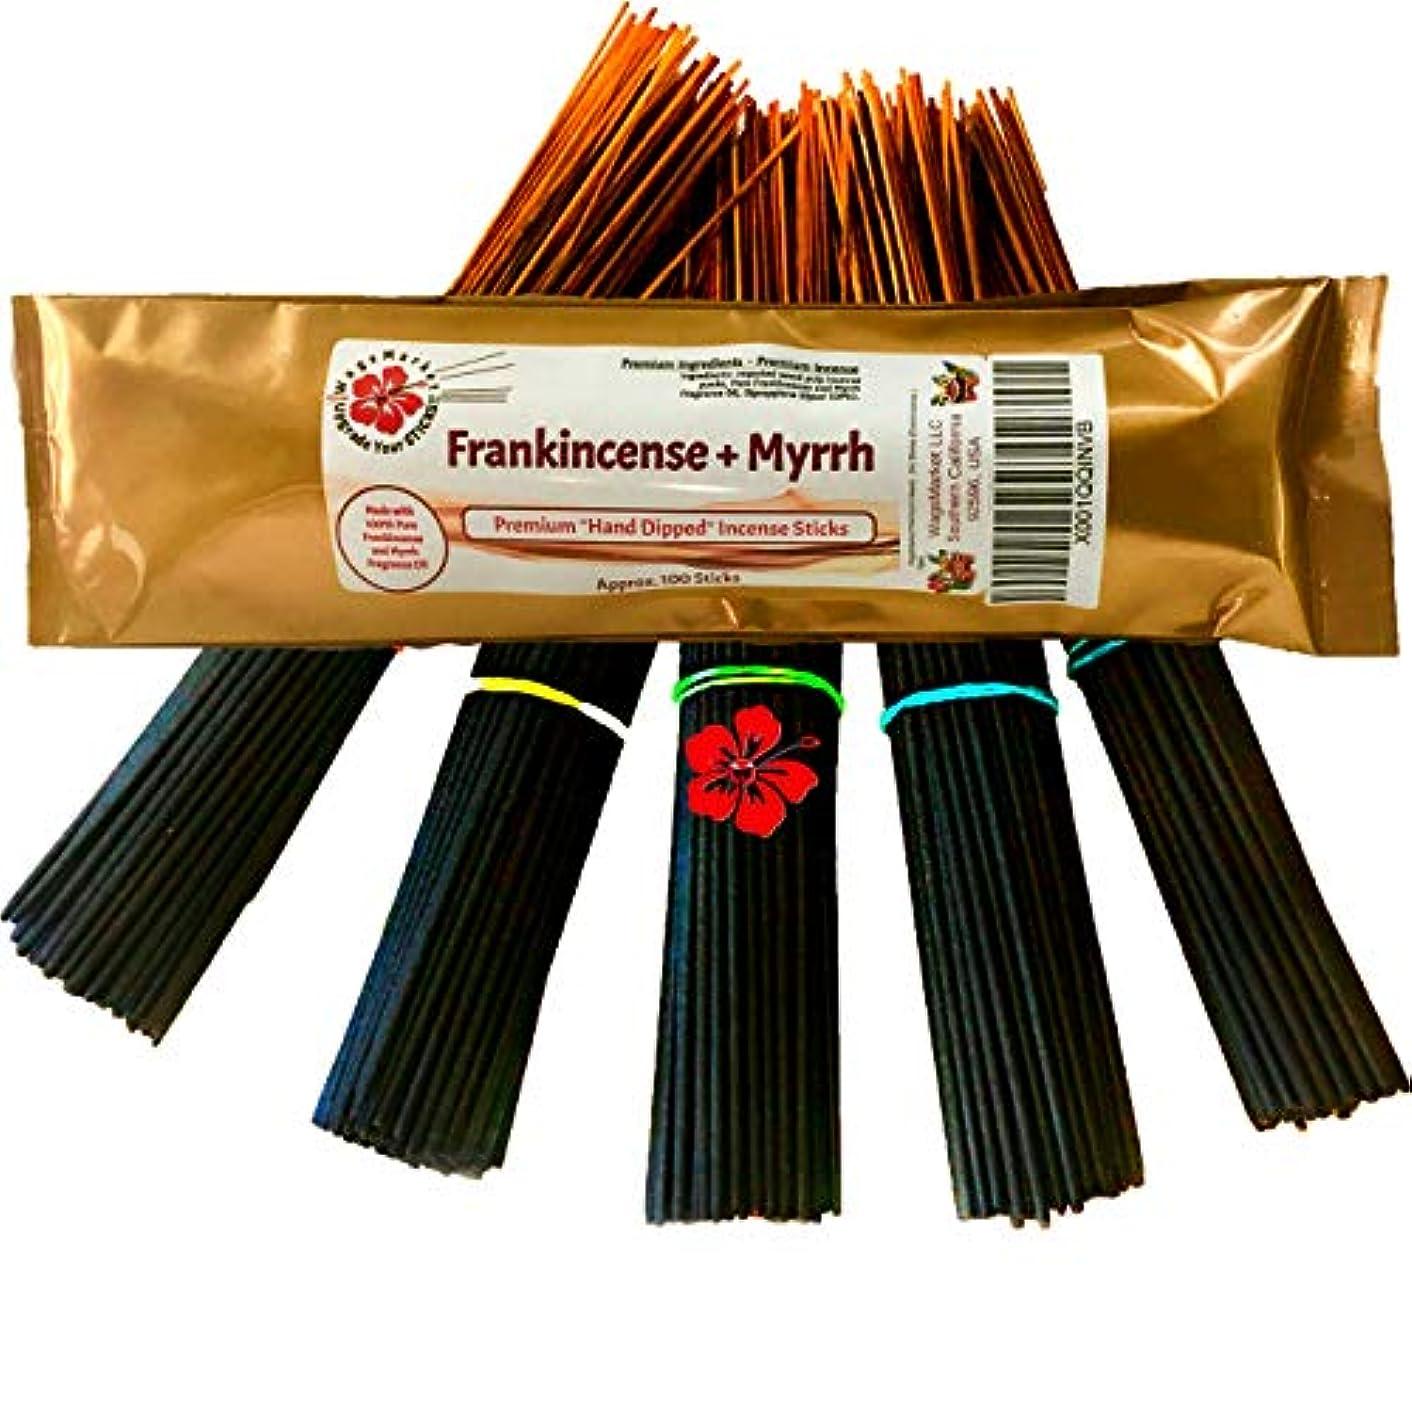 伝える突進口実プレミアム手Dipped Incense Sticks, Buy 3 Get 1 Free + (1 ) 無料Incenseボートwith 3以上 – を選択する香り – エジプトムスク、ピンク砂糖と多くのMore 。